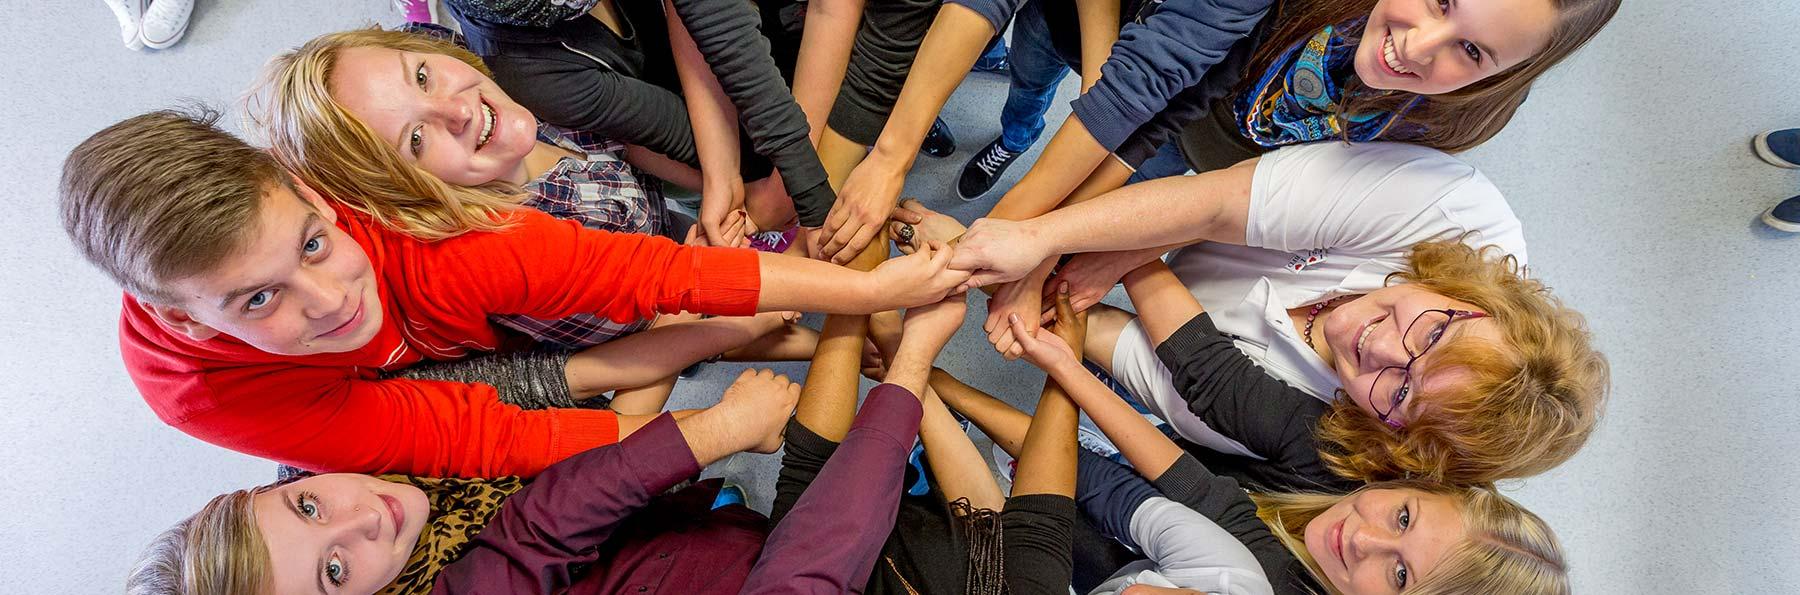 Freiwilliges Soziales Jahr / Bundesfreiwilligendienst